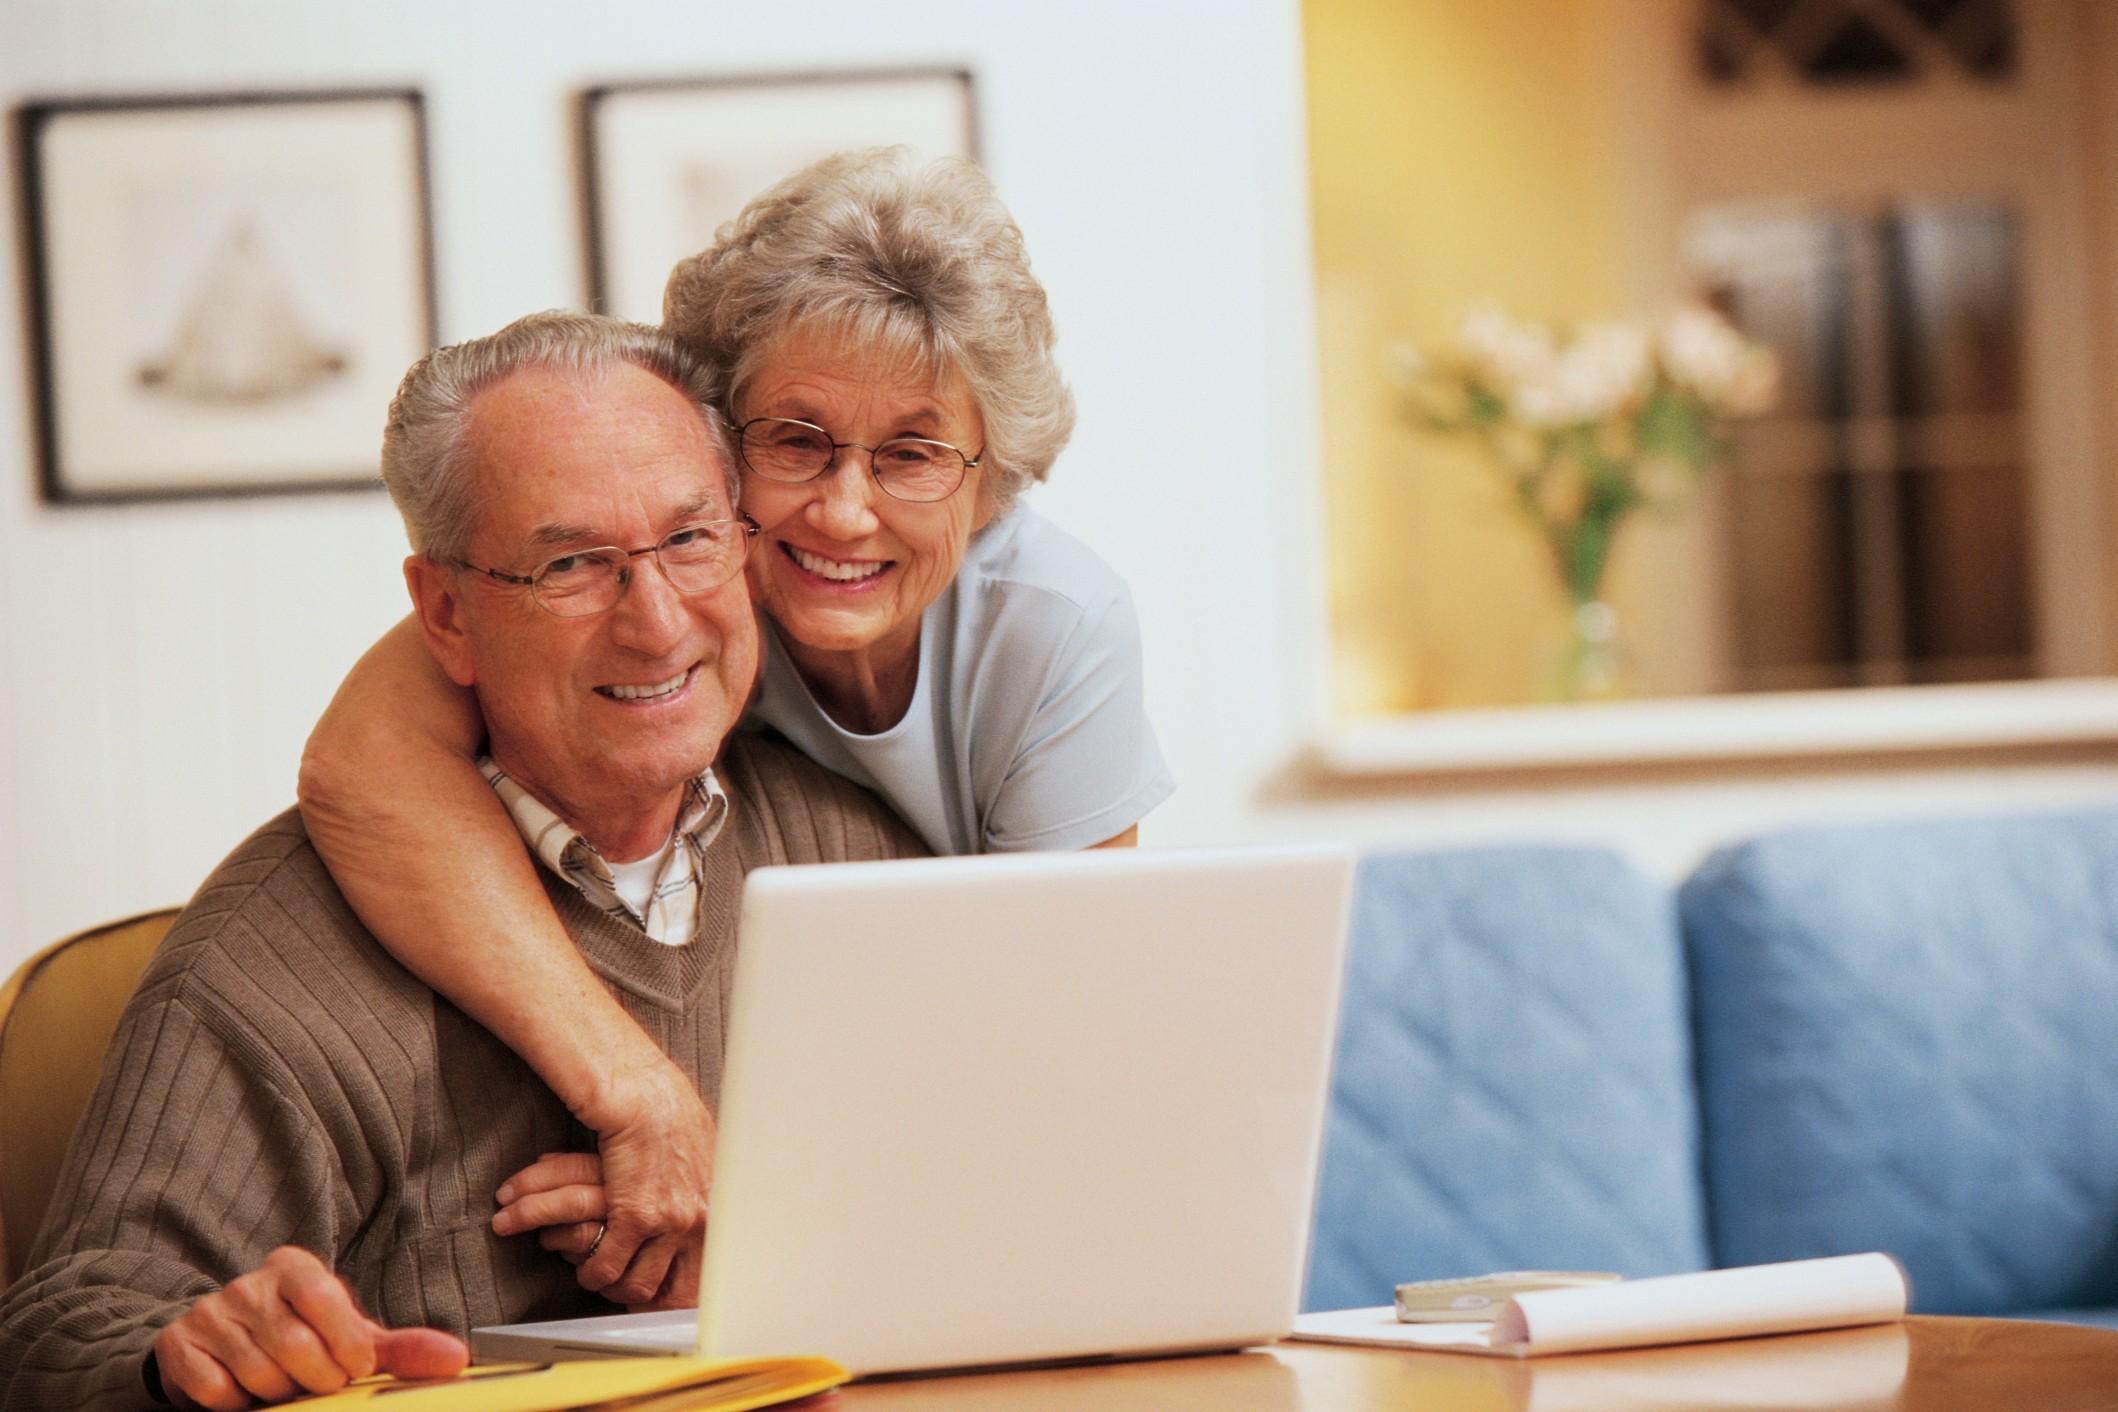 Есть ли скидка пенсионерам на жкх